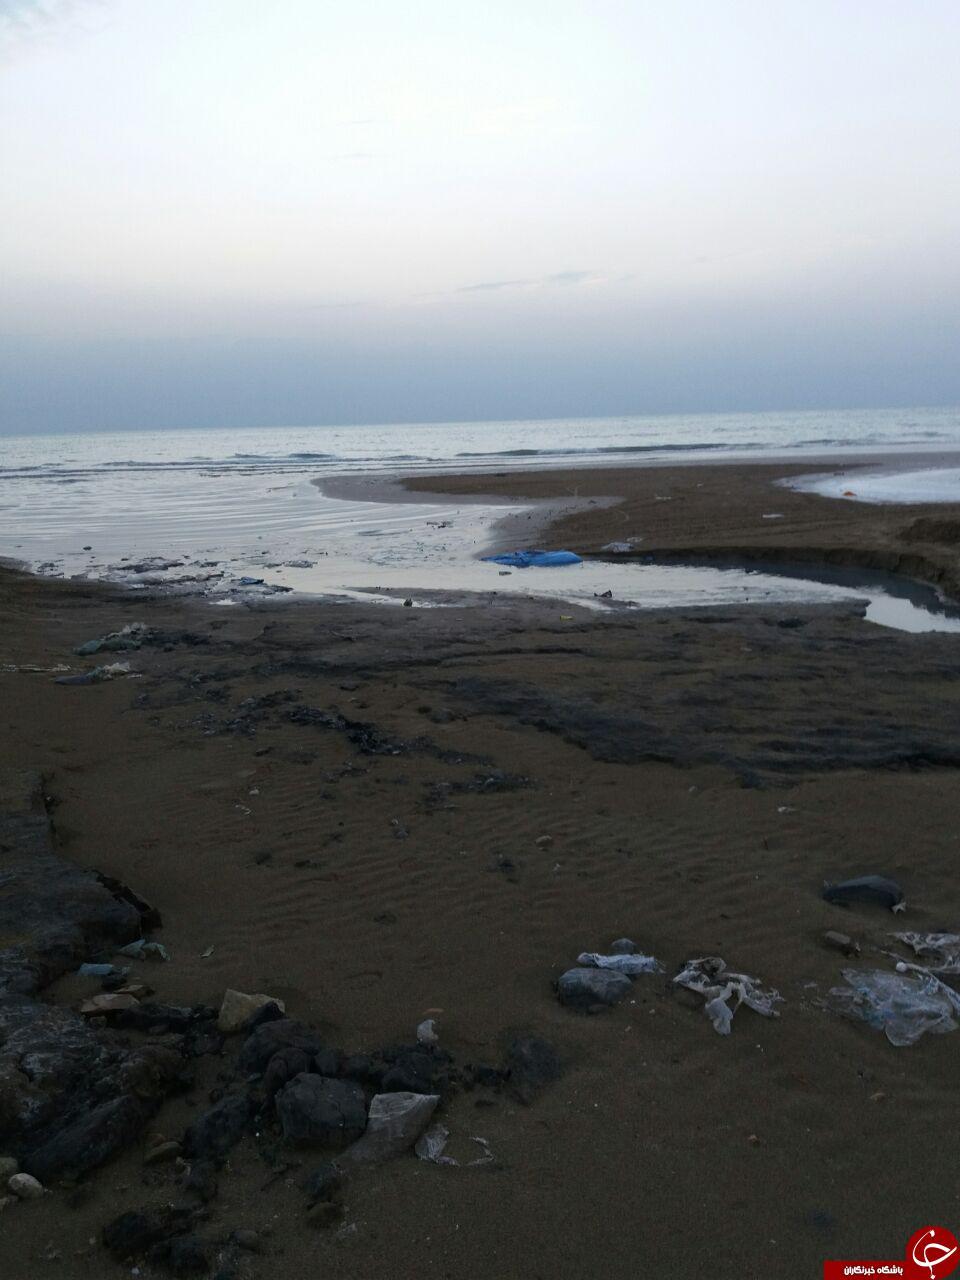 ورود فاضلاب بندر گناوه به دریا + فیلم و تصاویر